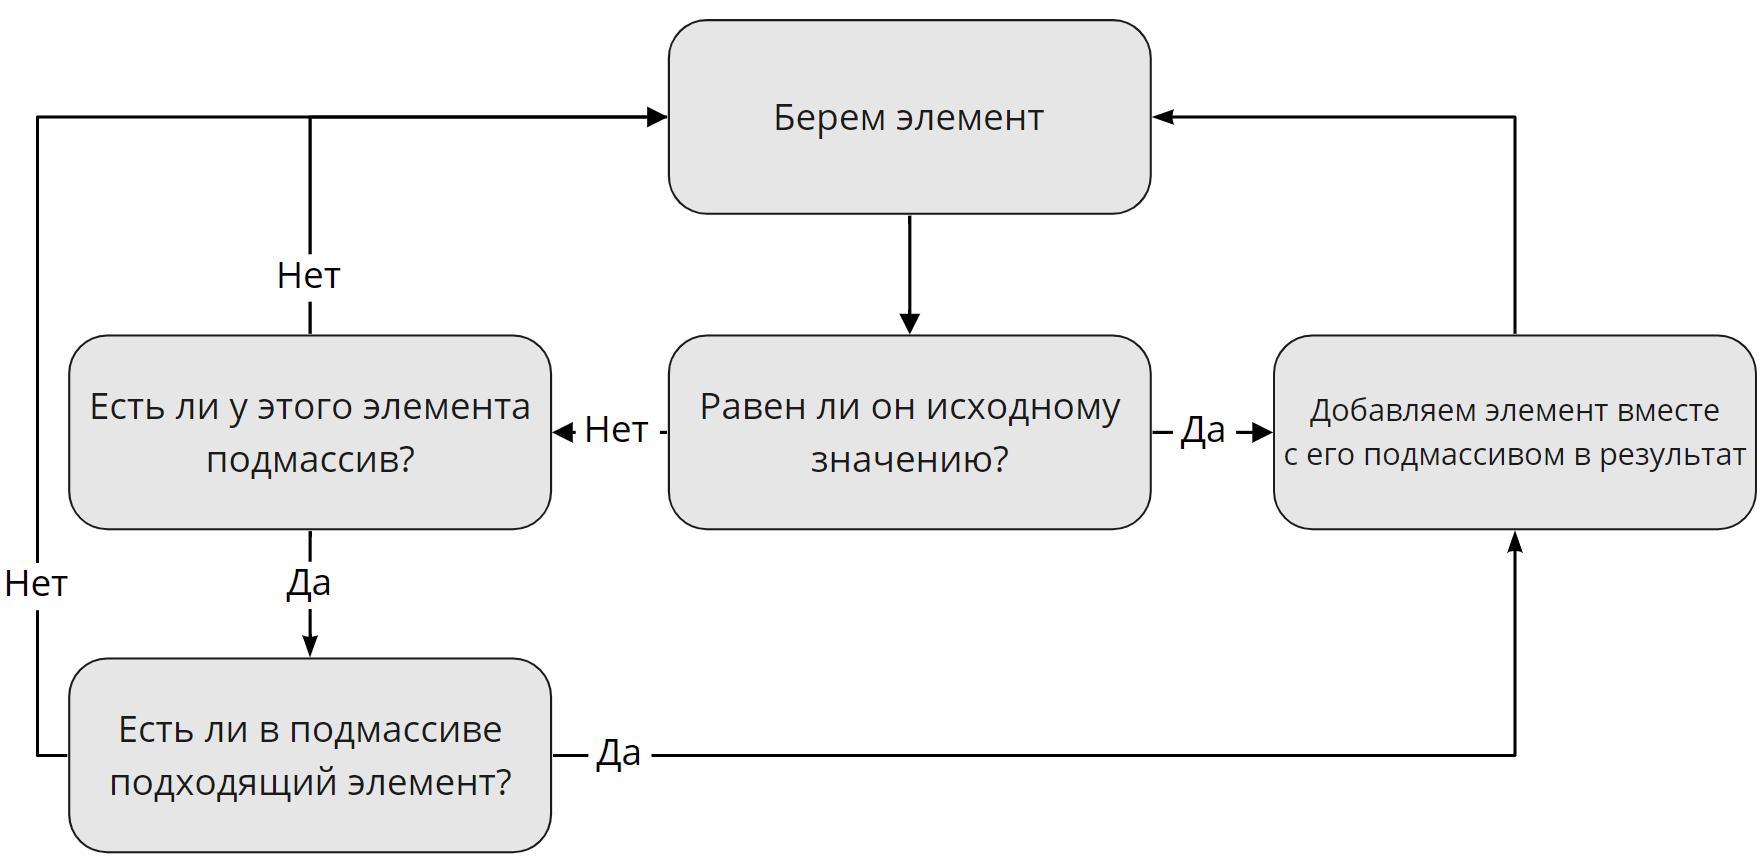 Как html-парсер на php написать. Вводная часть - 07.07.2020 — IT-МИР. ПОМОЩЬ В IT-МИРЕ 2020